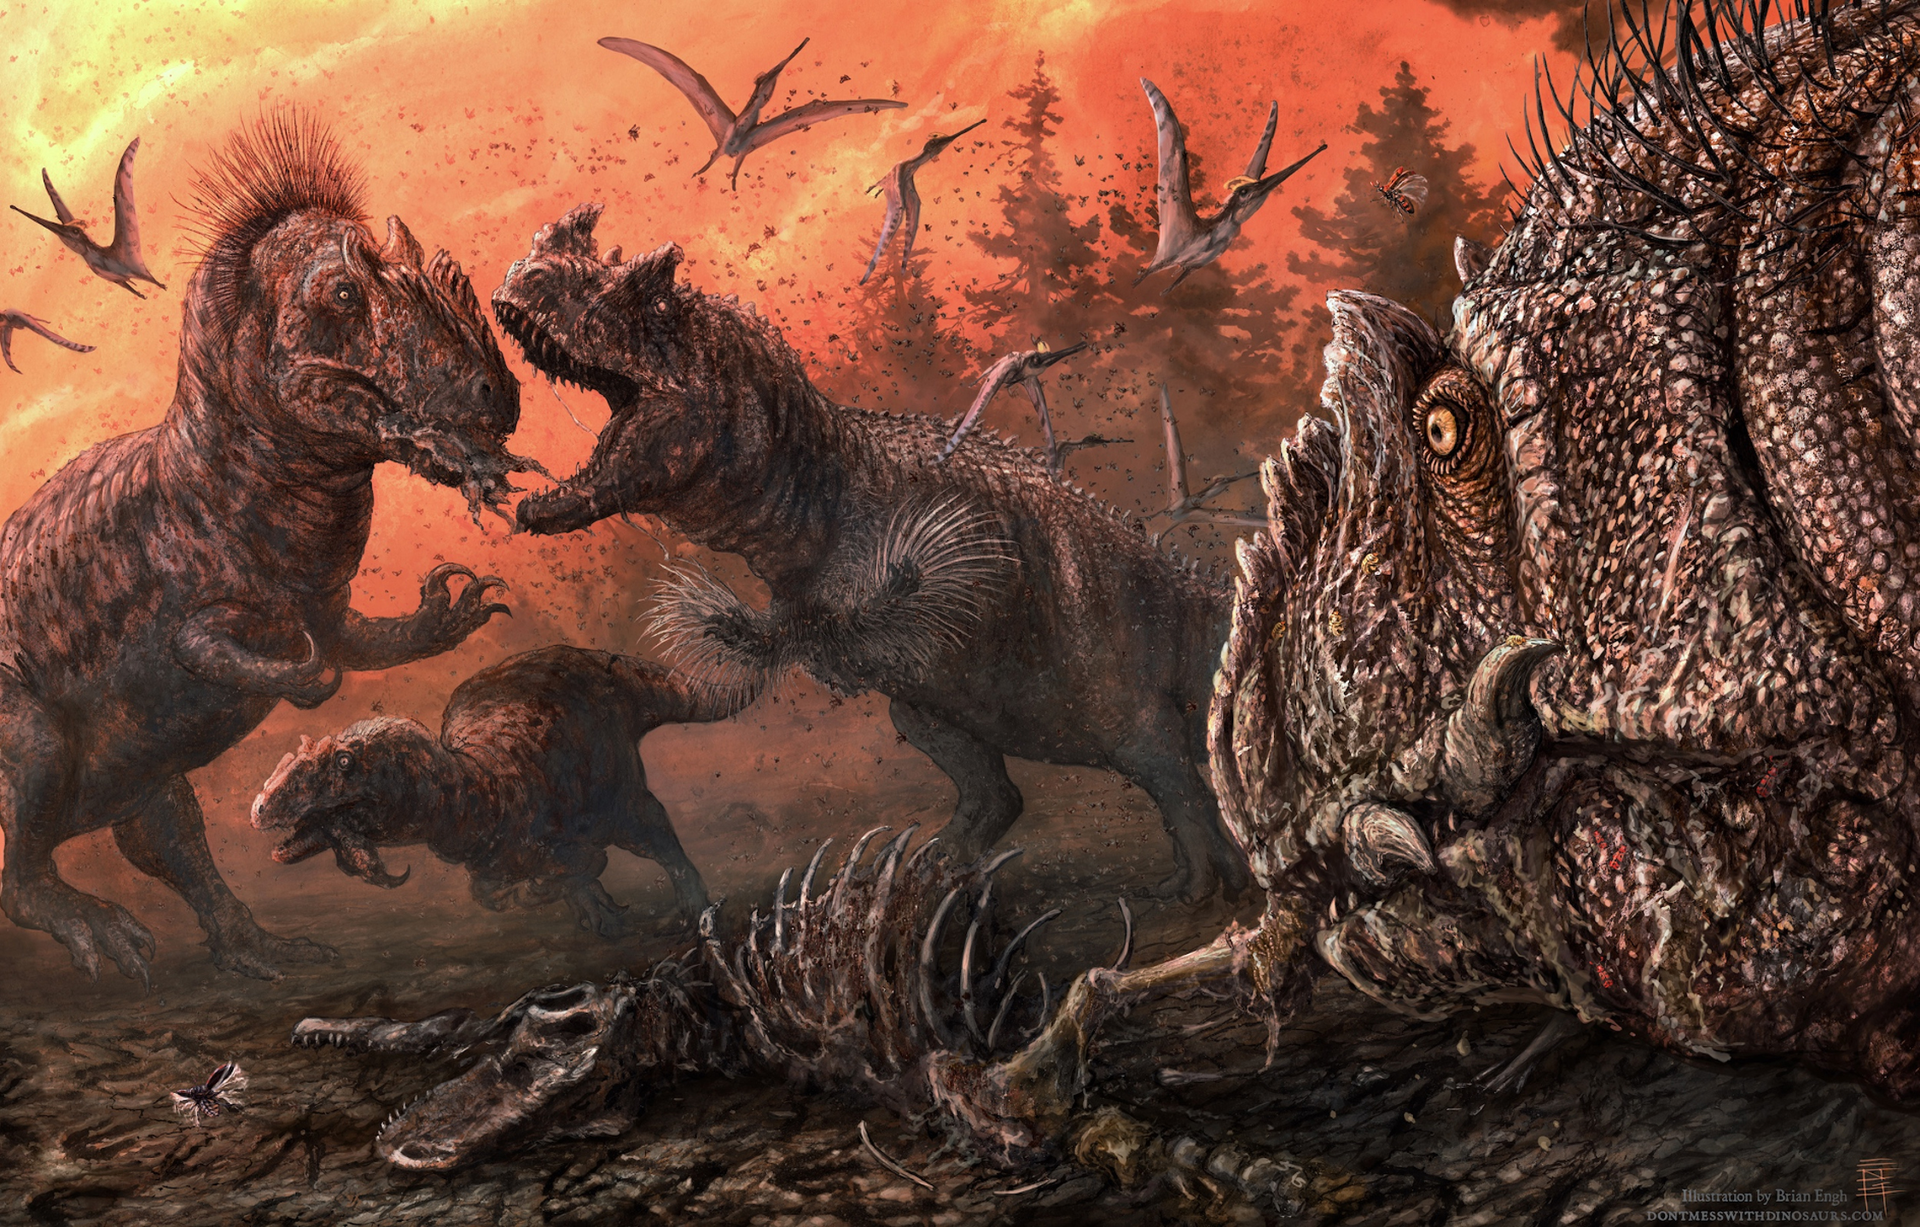 Objevy z některých nalezišť nasvědčují tomu, že alosauři se na některých místech účastnili pozdně jurských mrchožroutských orgií. Při těch se nepouštěli jen do masa zdechlin býložravých dinosaurů, ale také do mršin jiných alosaurů. V těchto částech t